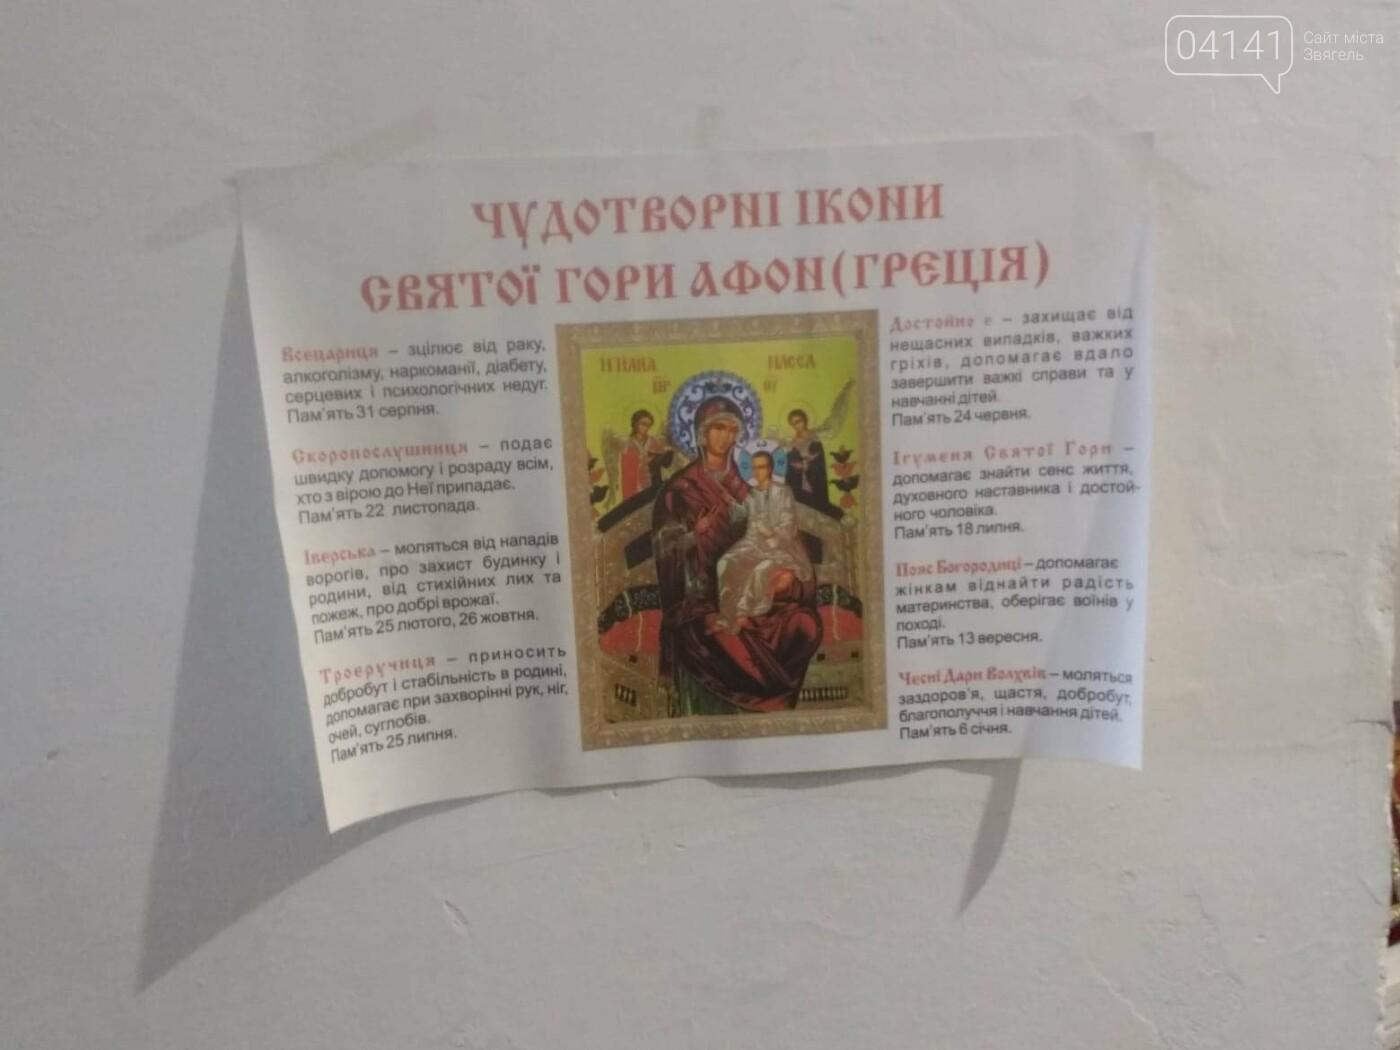 До Новограда-Волинського привезли чудотворні афонські ікони, фото-4